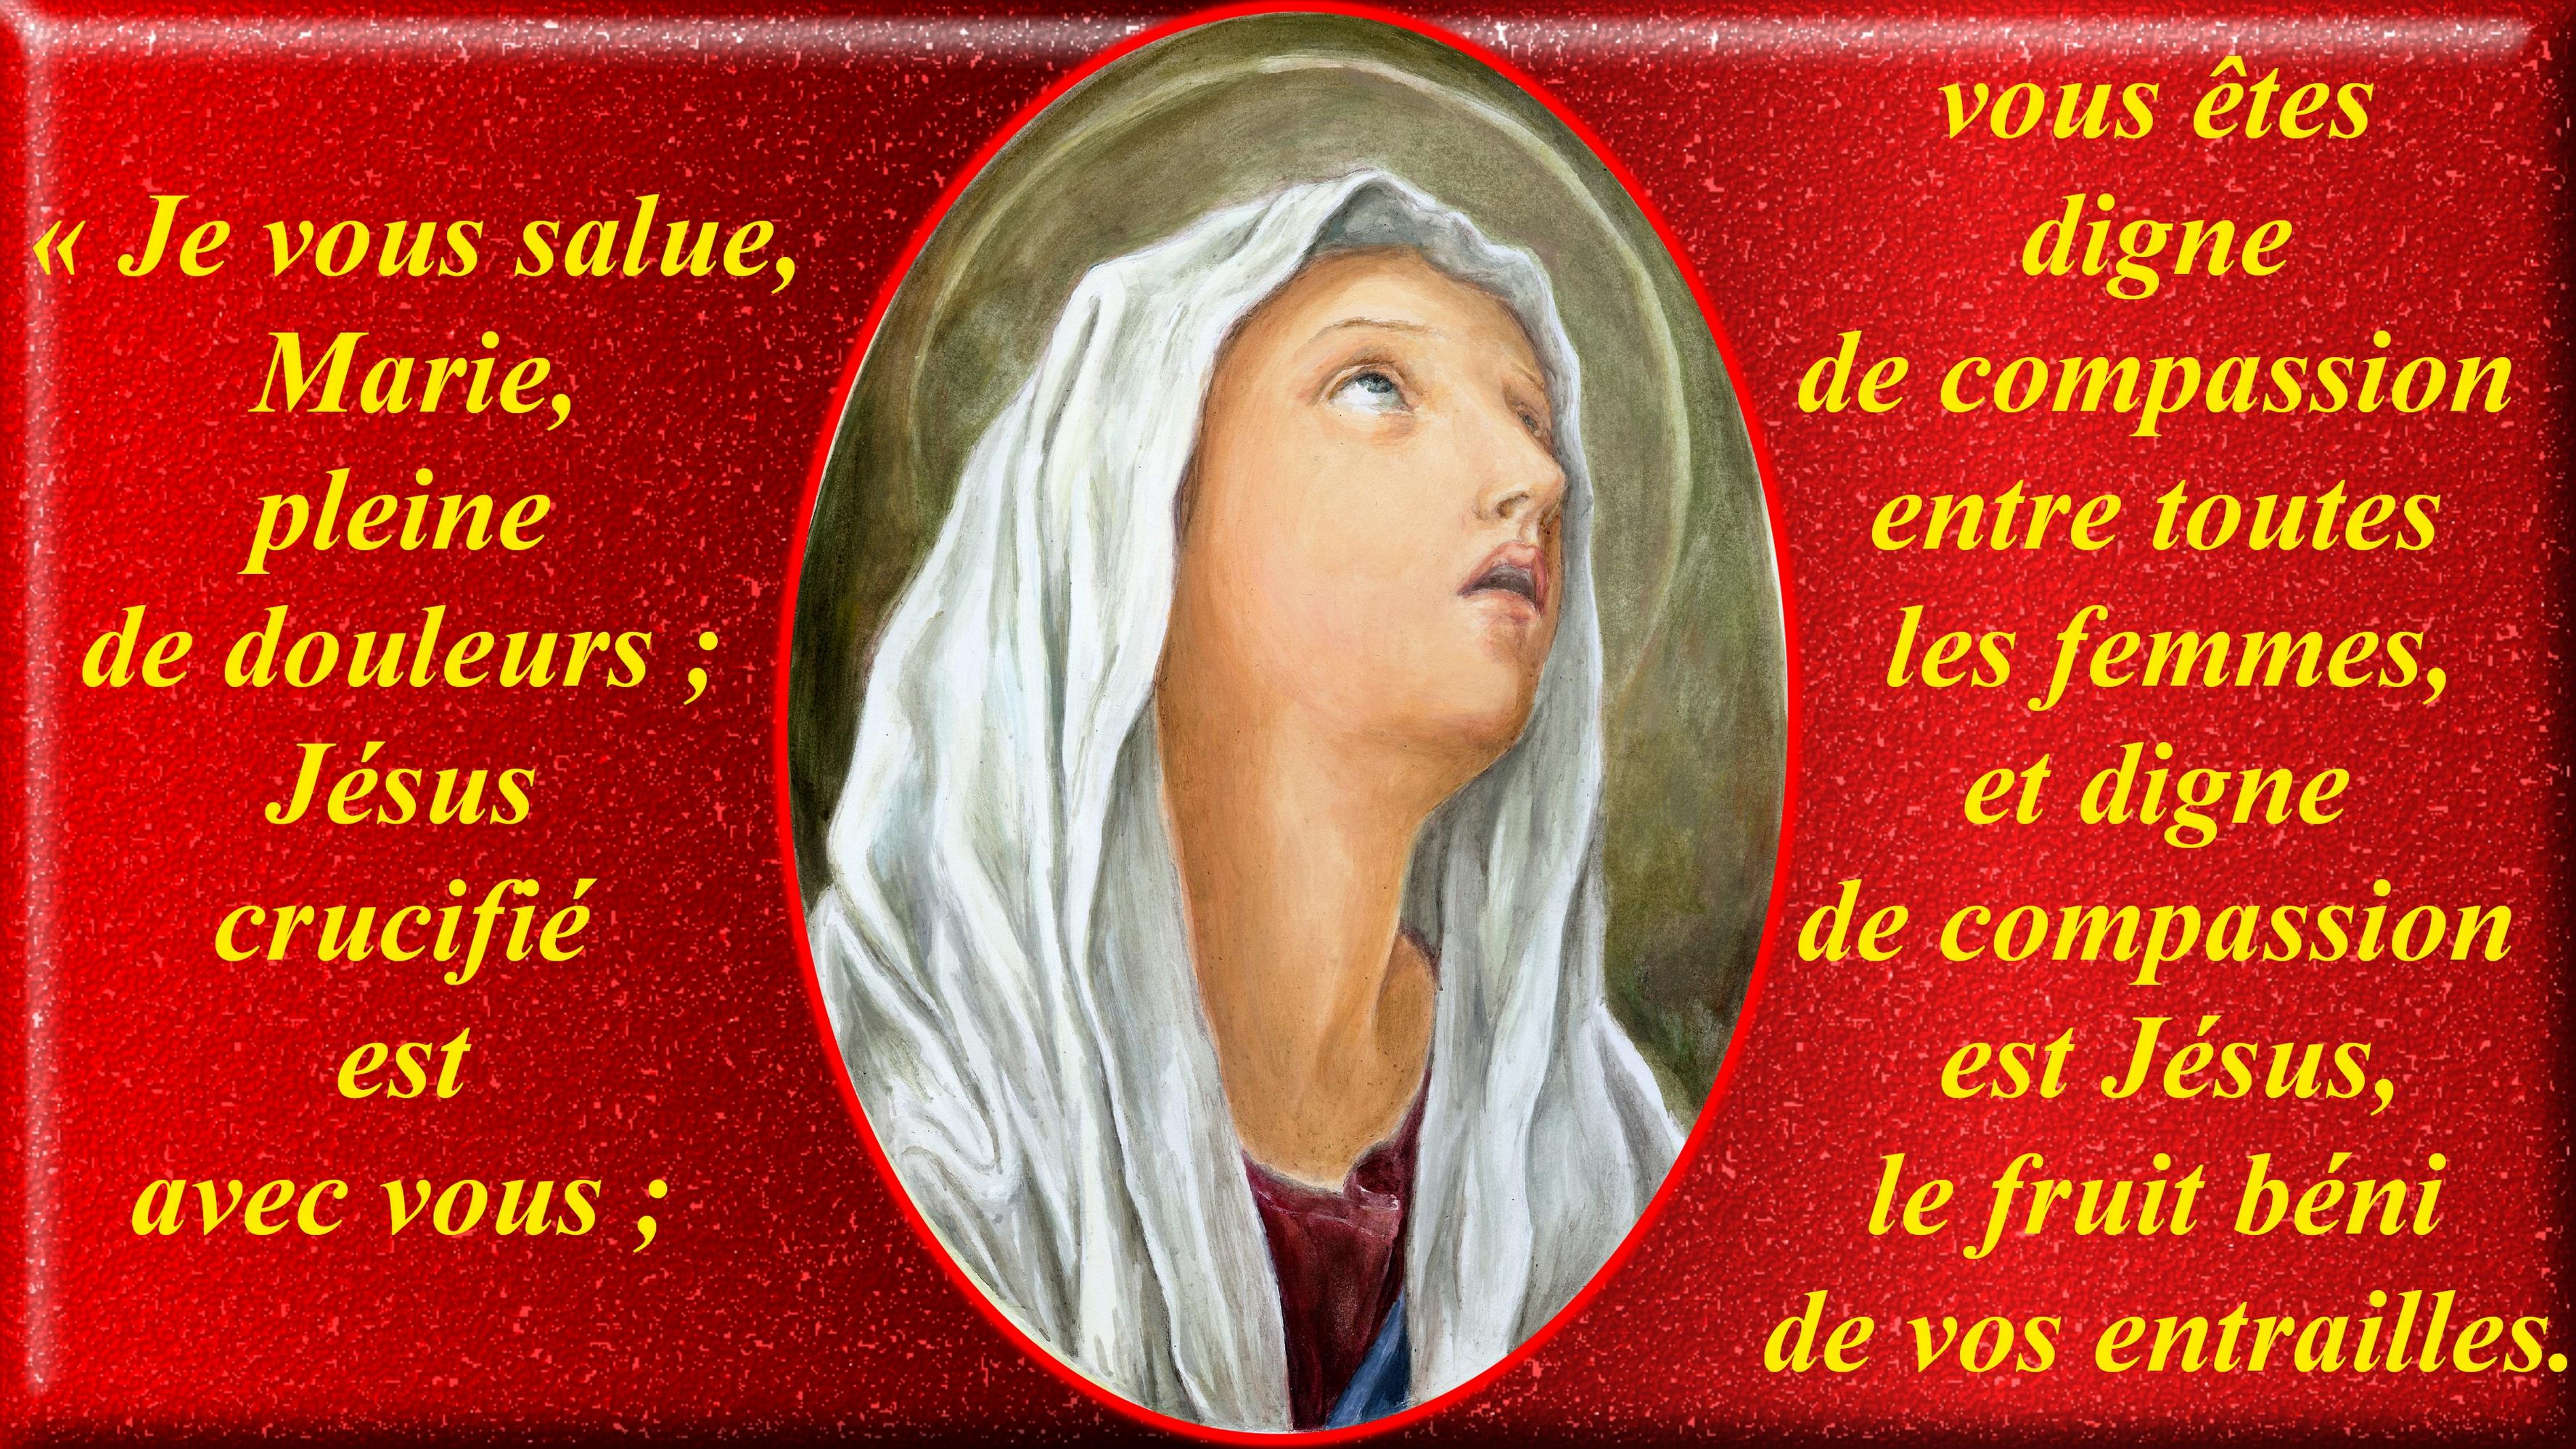 Le Rosaire en Images - Page 3 Notre-dame-des-7-...lorosa-1-560c85a